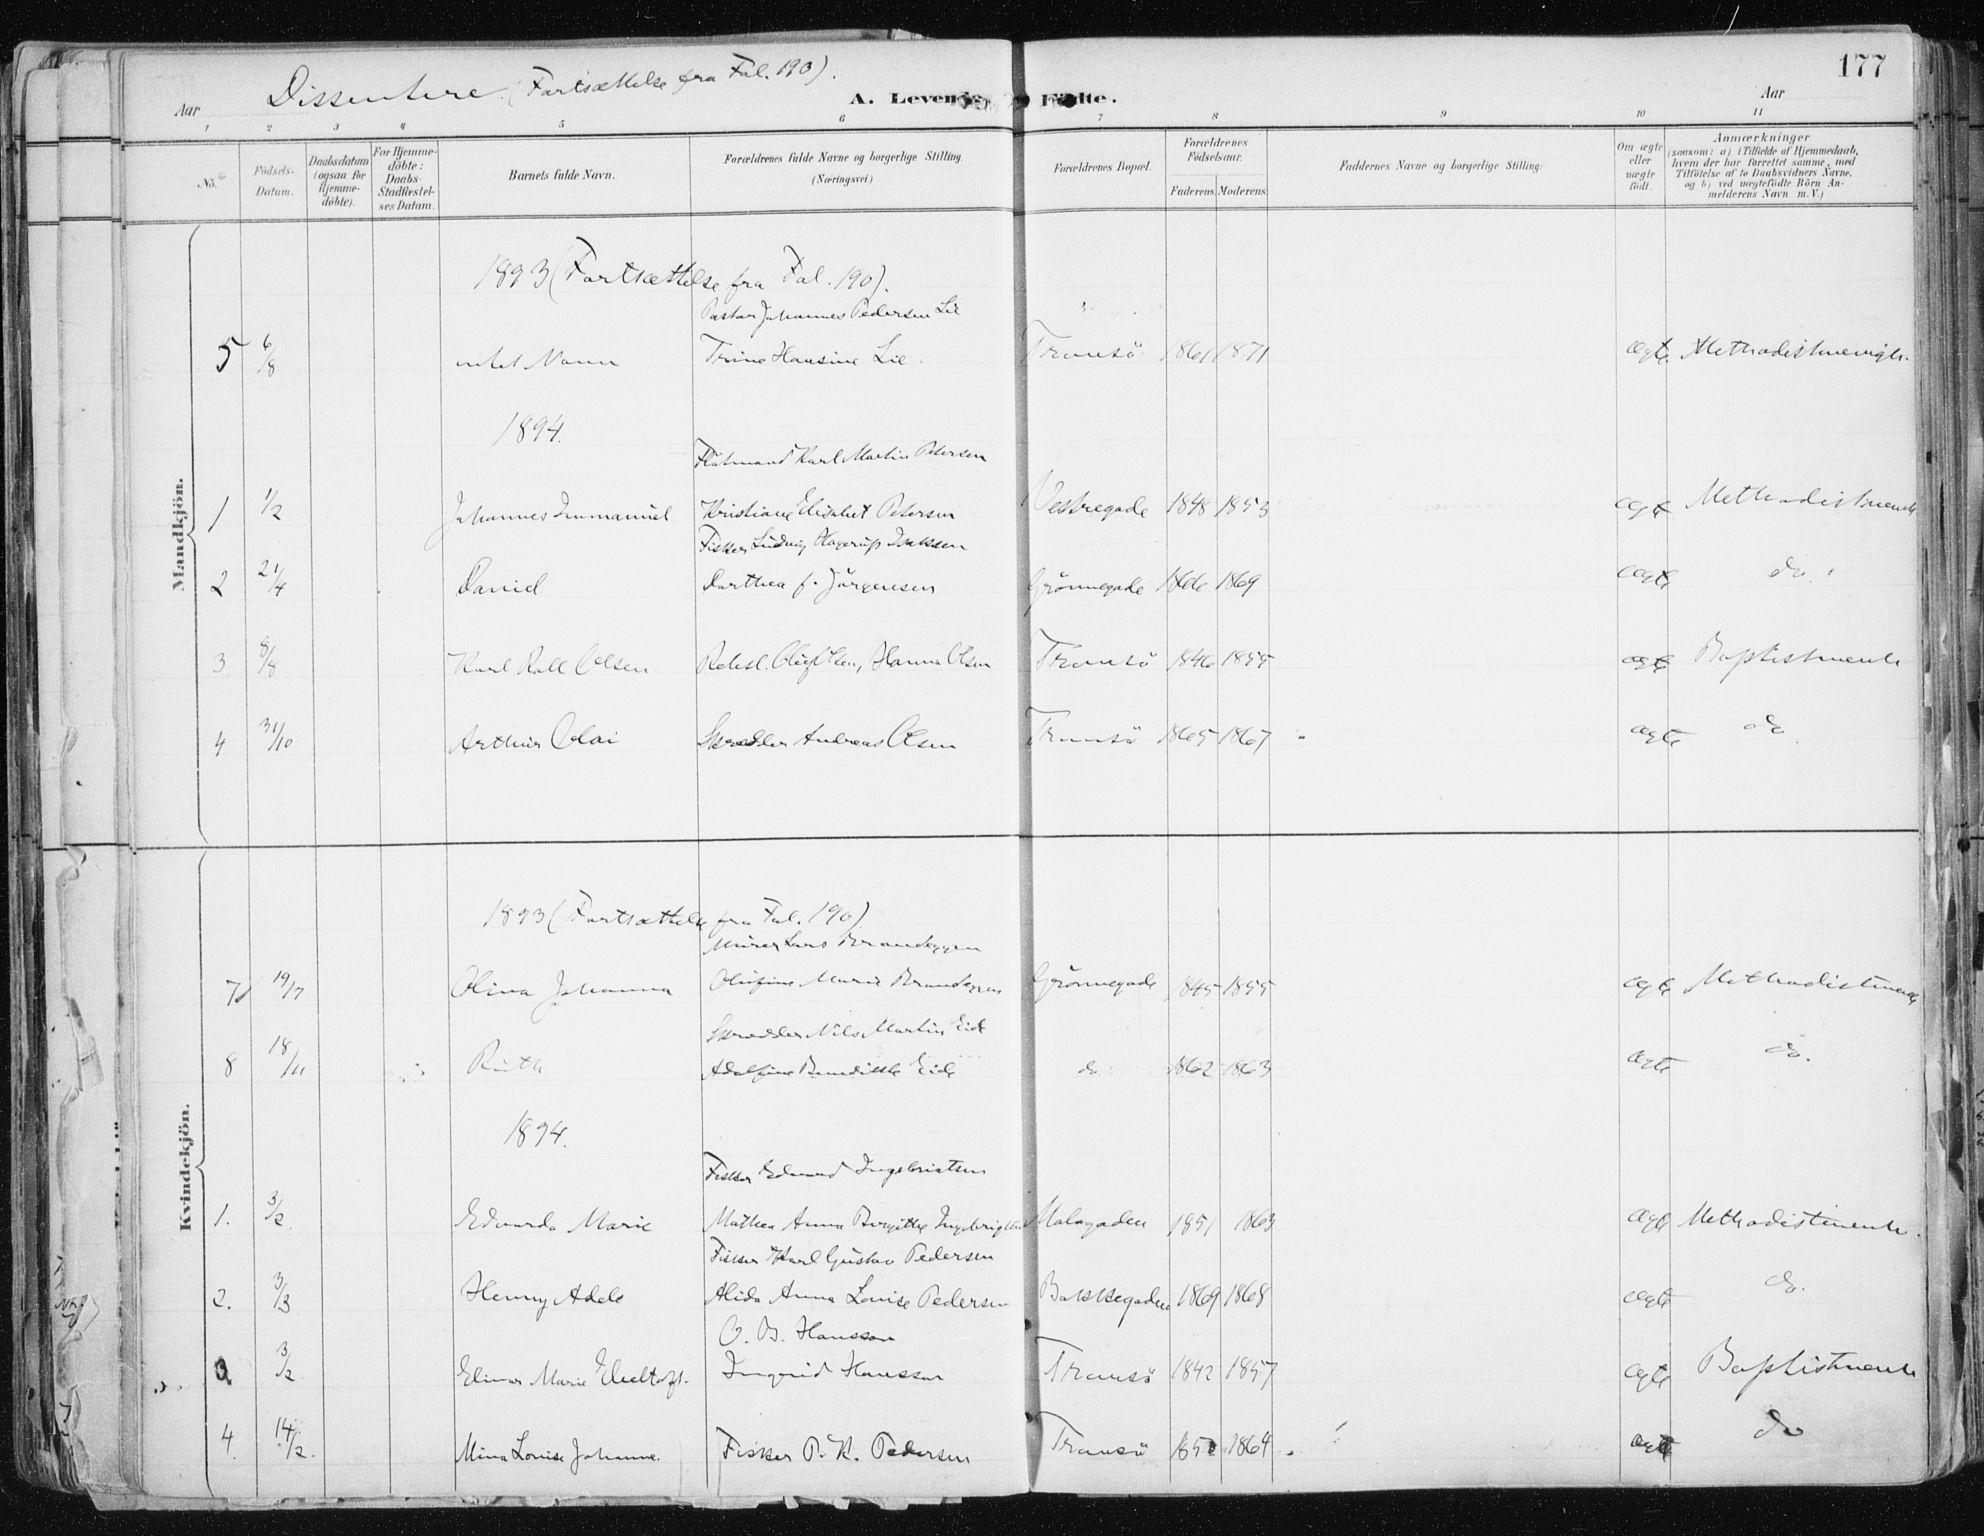 SATØ, Tromsø sokneprestkontor/stiftsprosti/domprosti, G/Ga/L0015kirke: Ministerialbok nr. 15, 1889-1899, s. 177